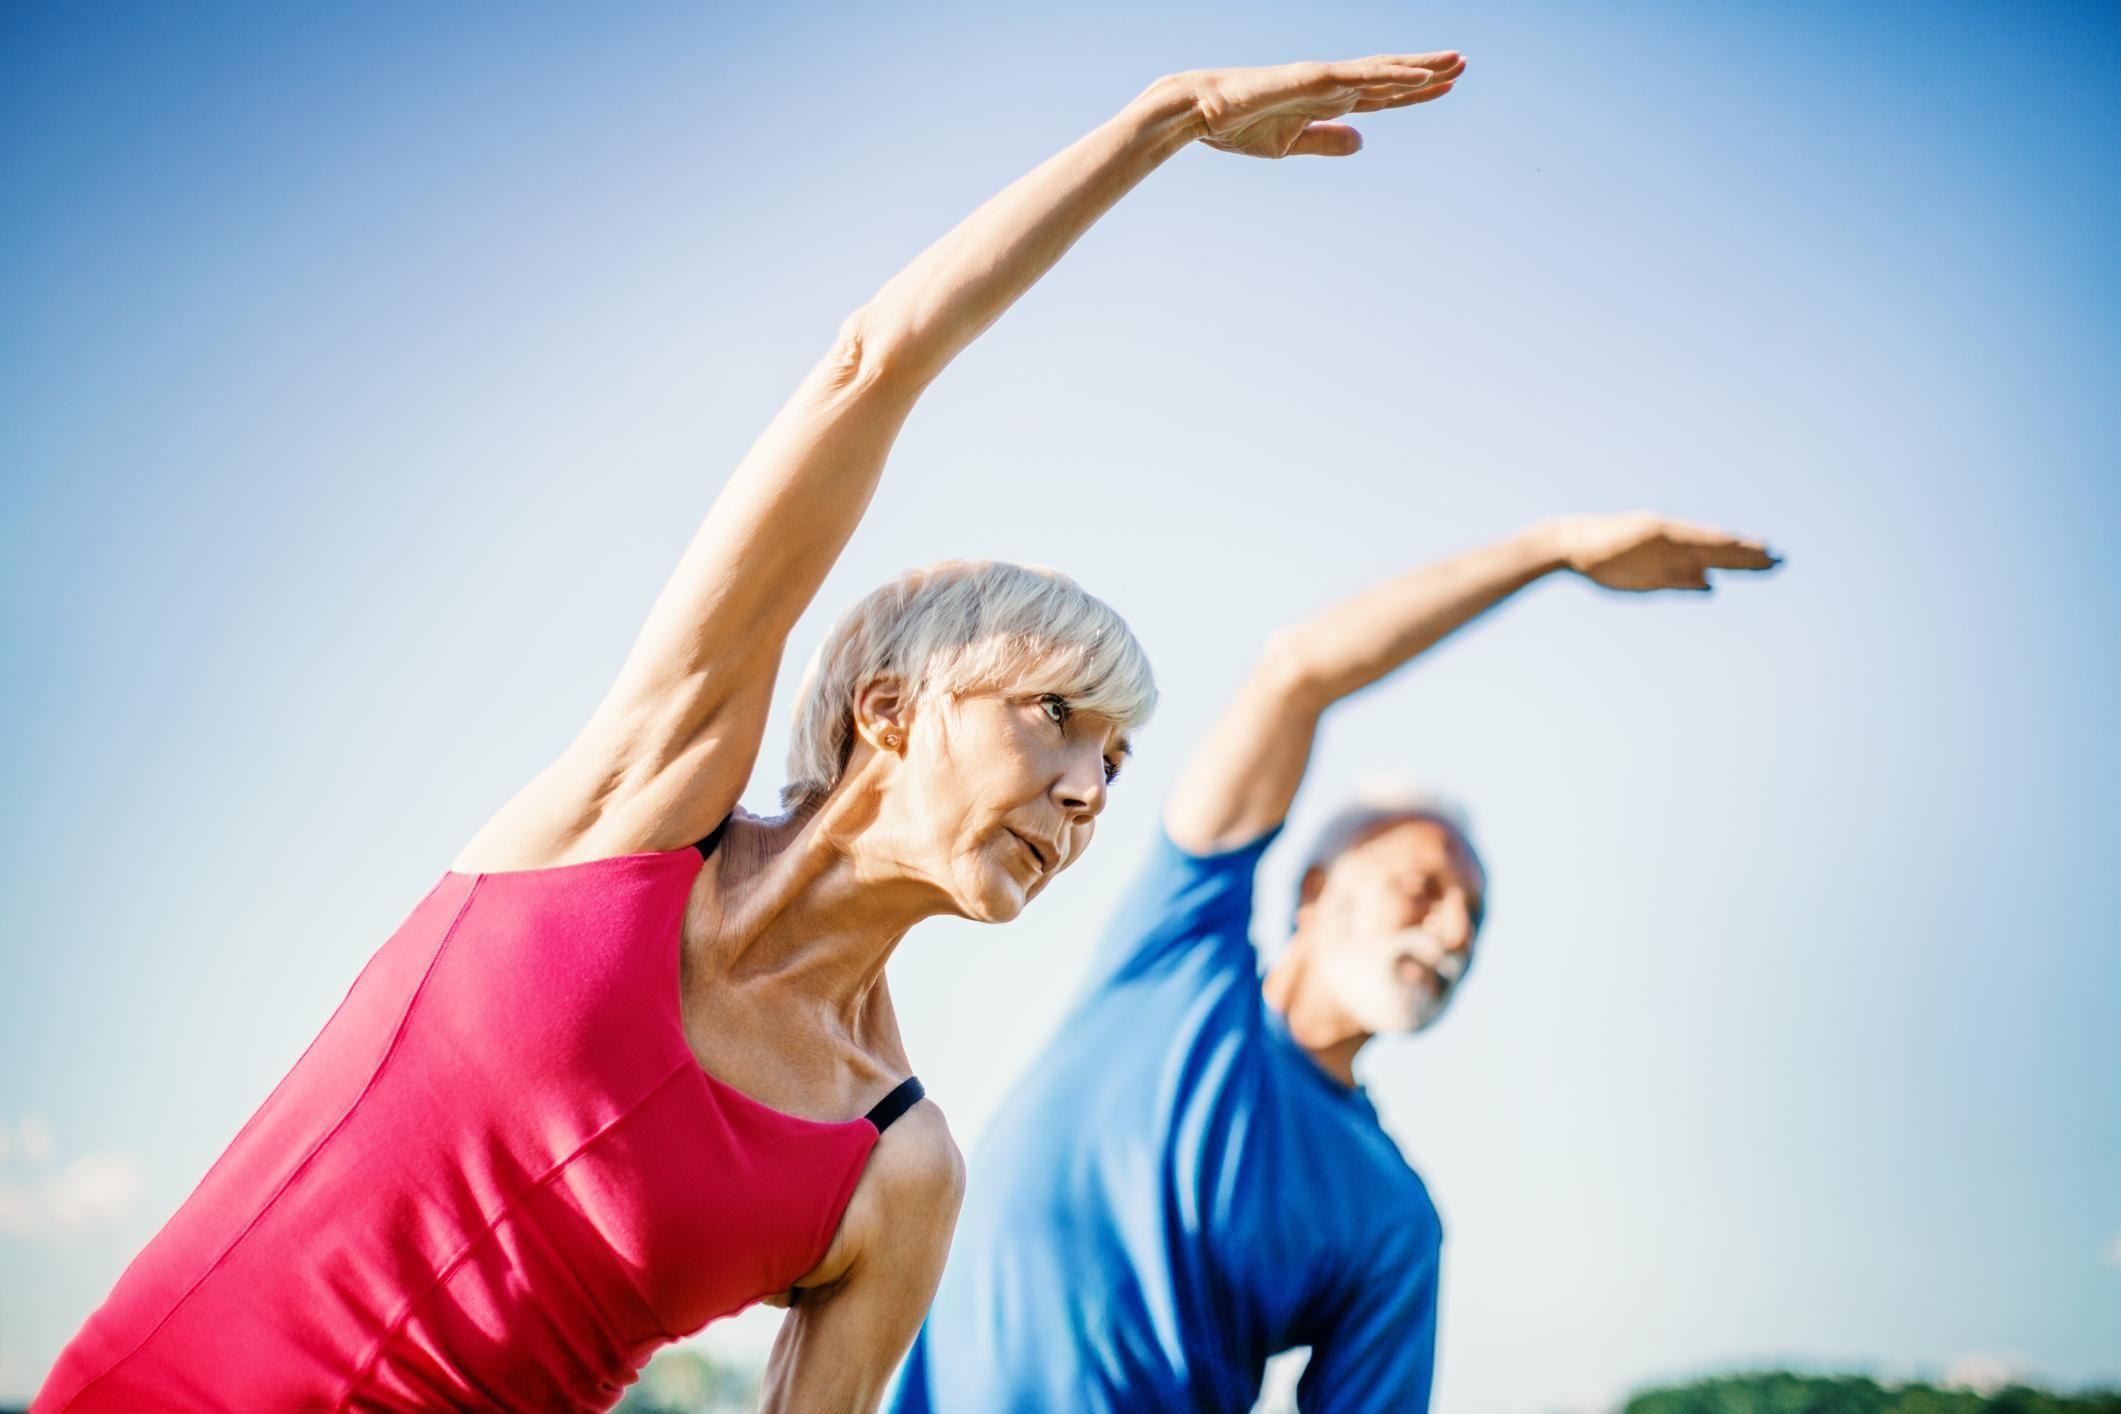 24e6391b0d3ae Peut-on faire du sport lorsqu'on a de l'hypertension ? - Doctissimo